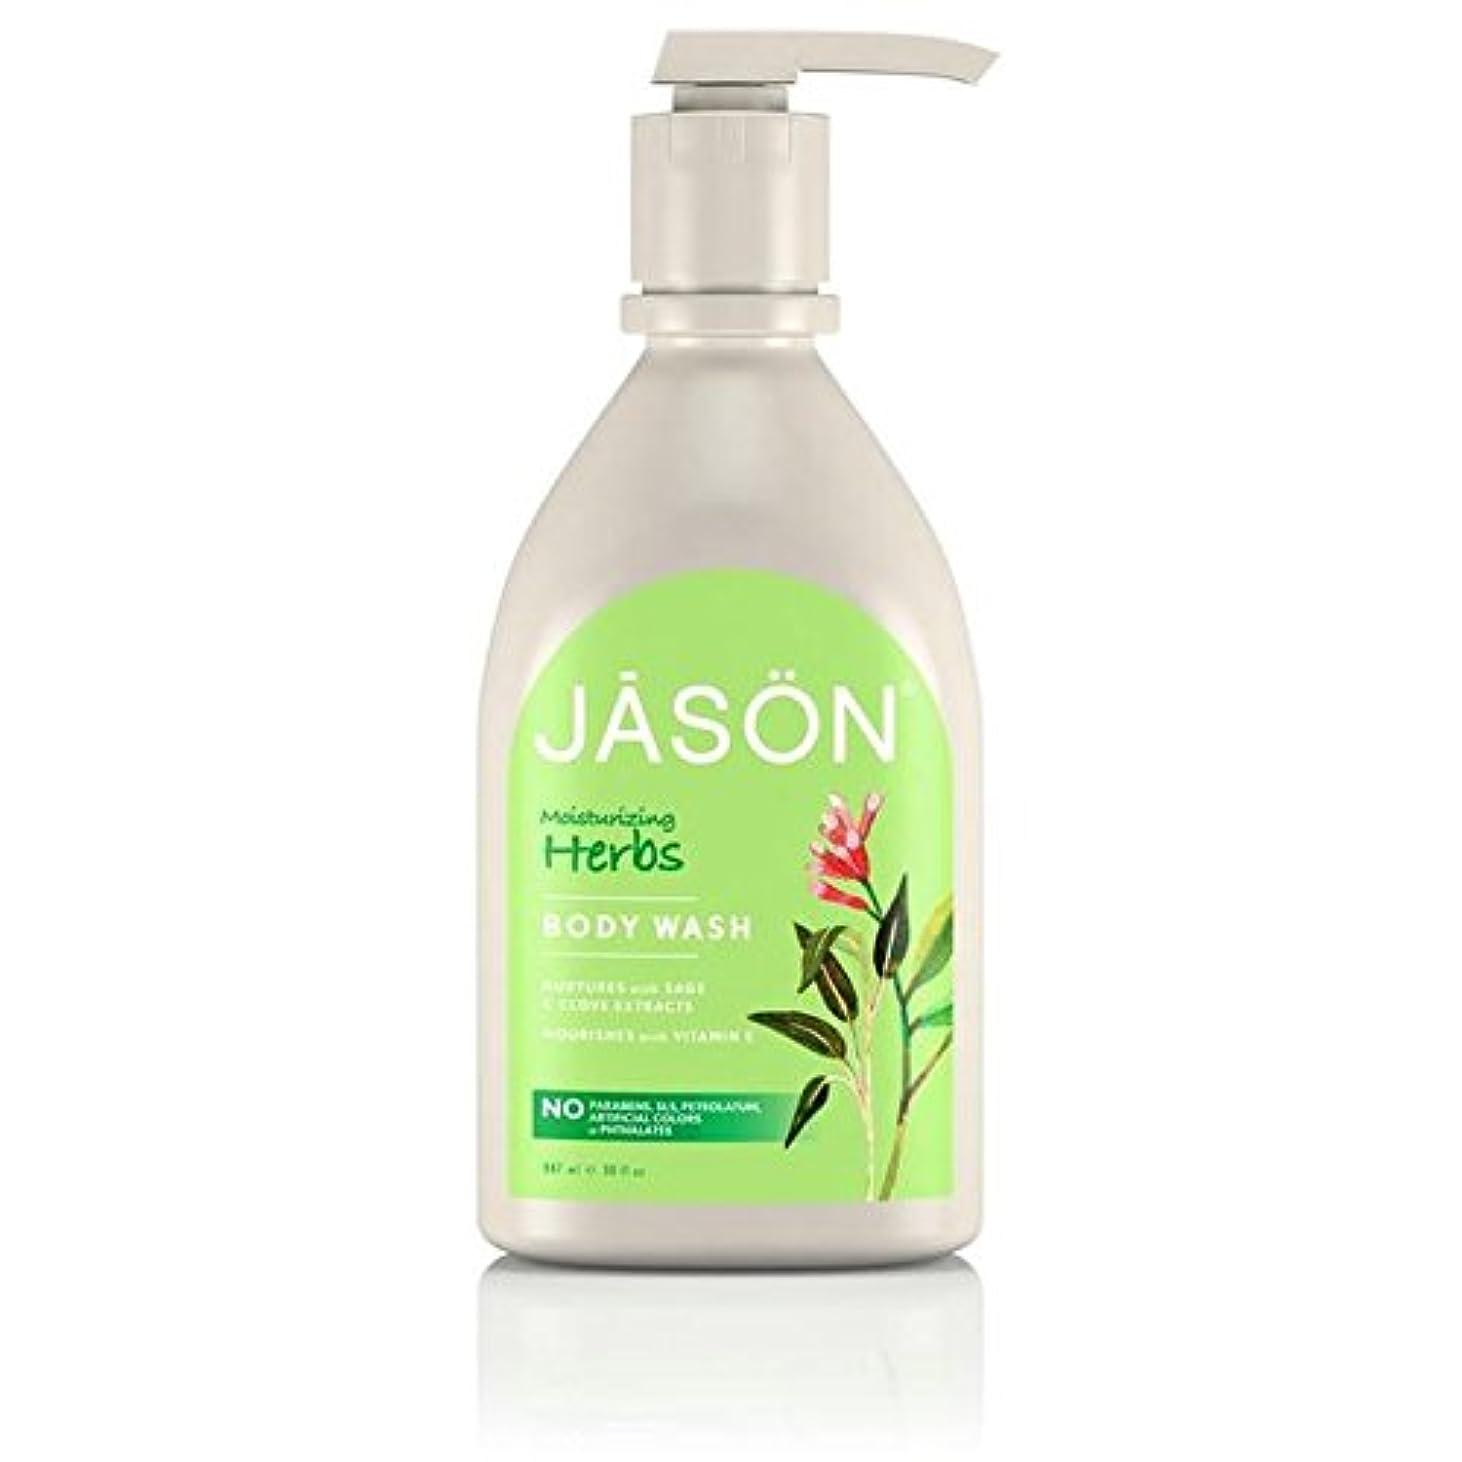 見込み蒸気下向きJason Herbal Satin Body Wash Pump 900ml - ジェイソン?ハーブサテンボディウォッシュポンプ900ミリリットル [並行輸入品]